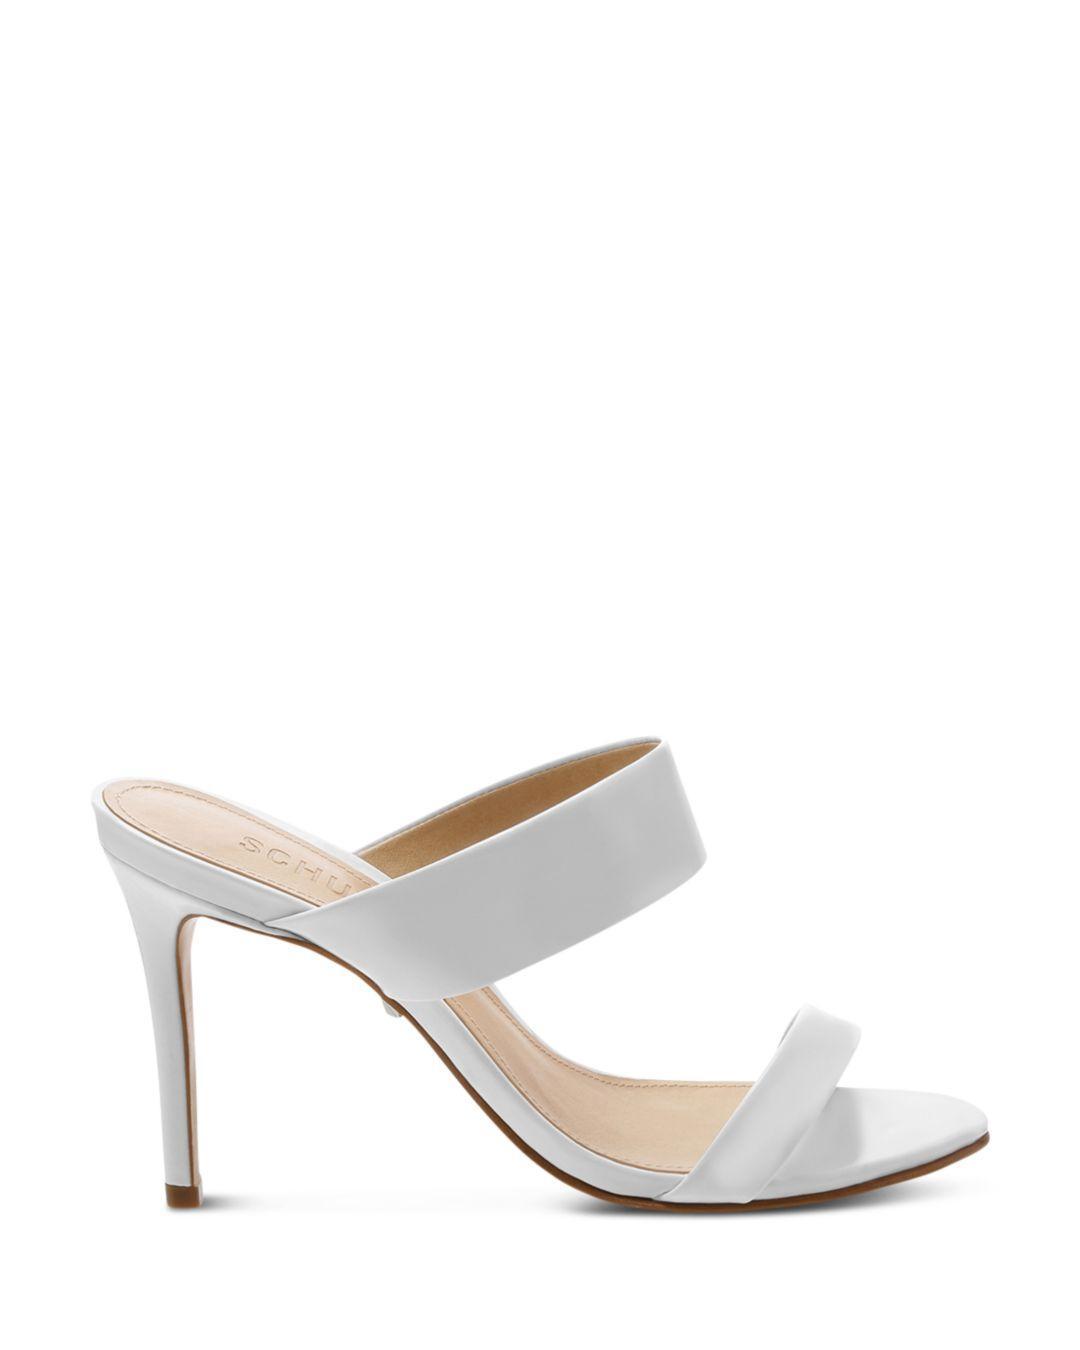 a1d6c10fbe3 Schutz Women s Leia High-heel Sandals in White - Lyst